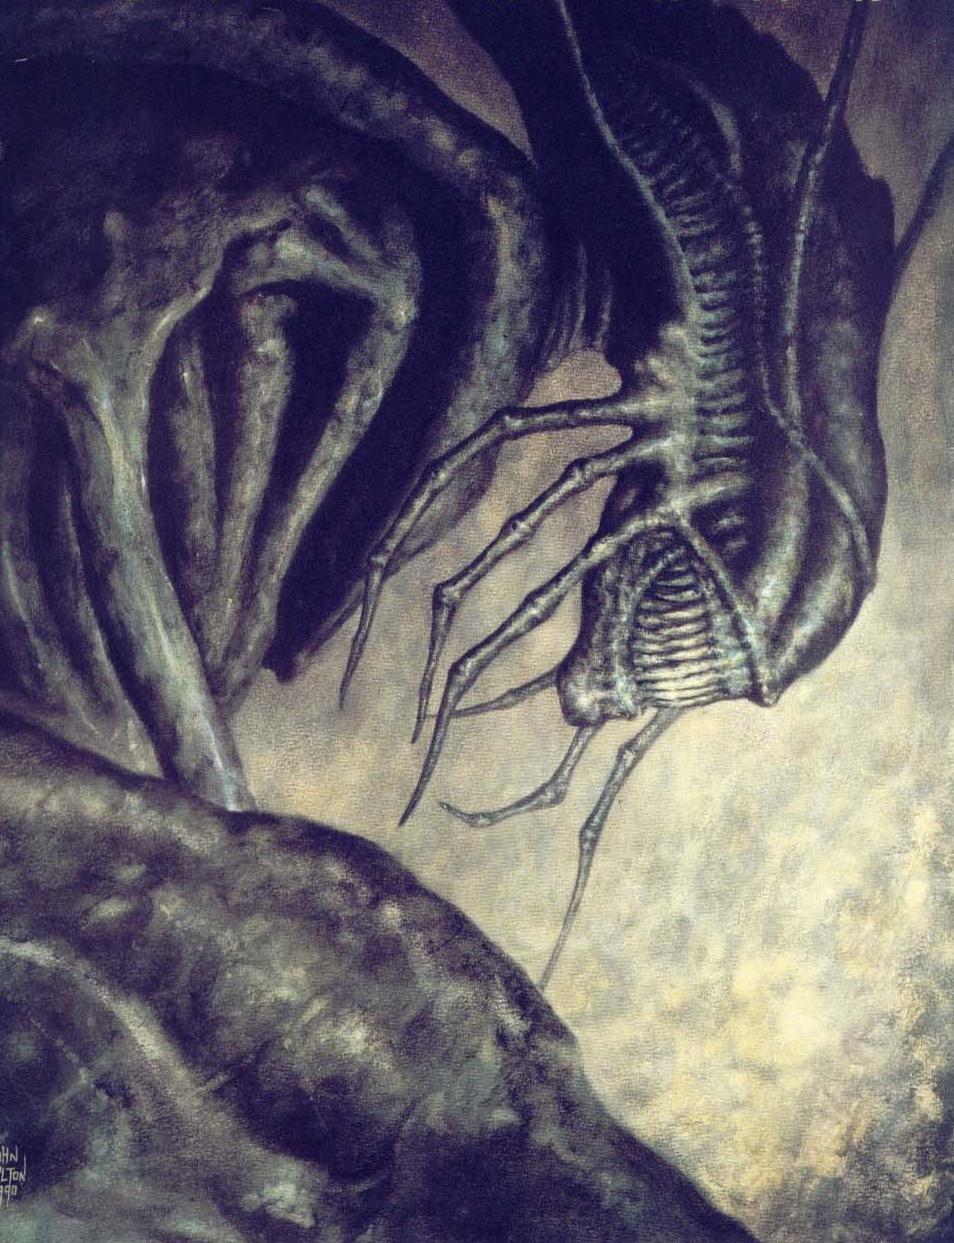 ALIEN: ORIGINS - QUEEN MOTHER EMPRESS IMPERIAL PALATINE ... |Alien Queen Mother